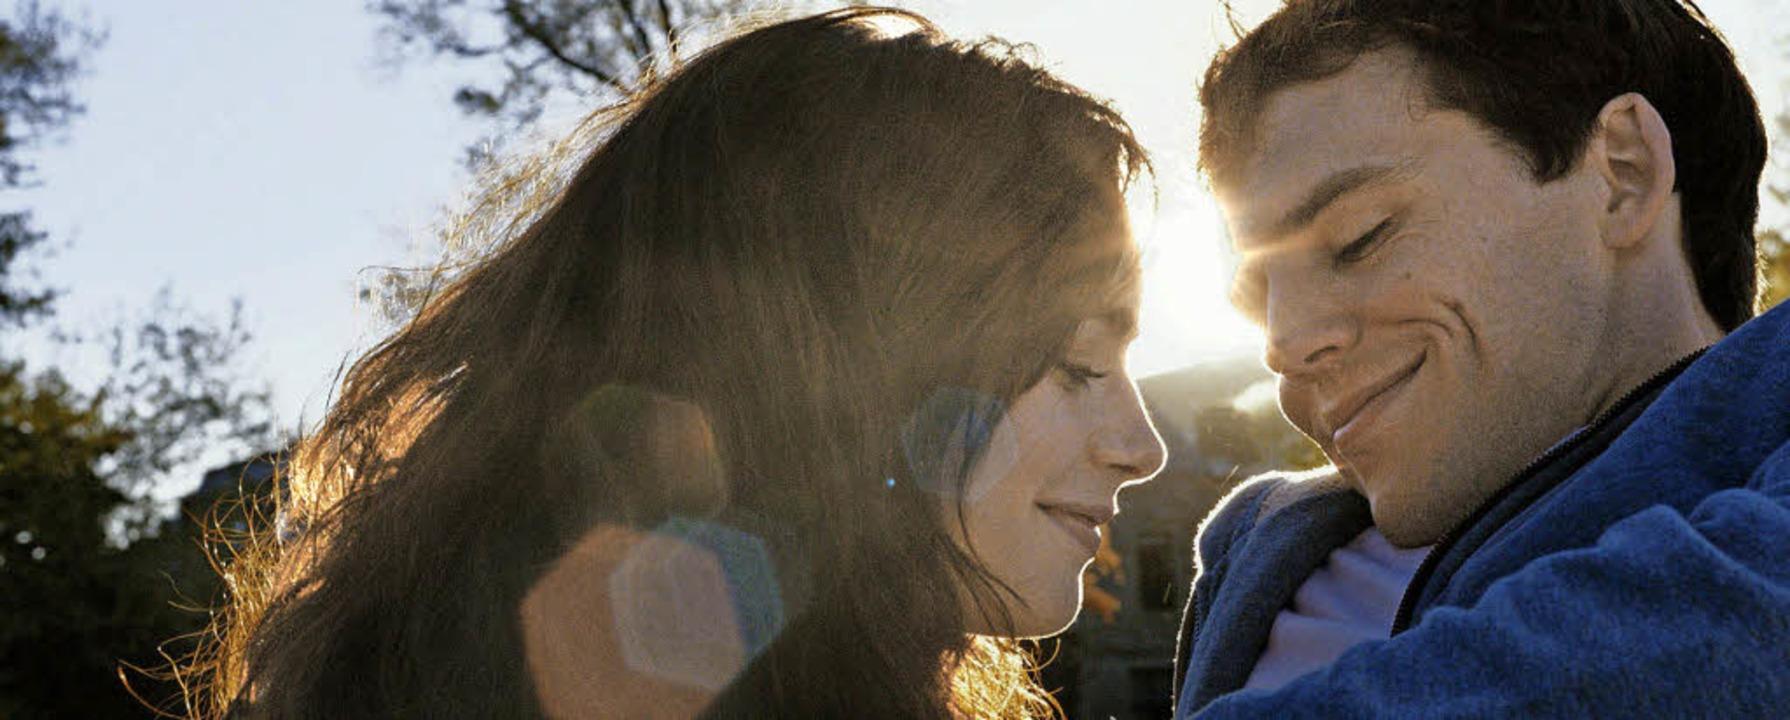 Endlich Liebe: Rosie und Alex (Lily Collins, Sam Claflin)   | Foto: Constantin